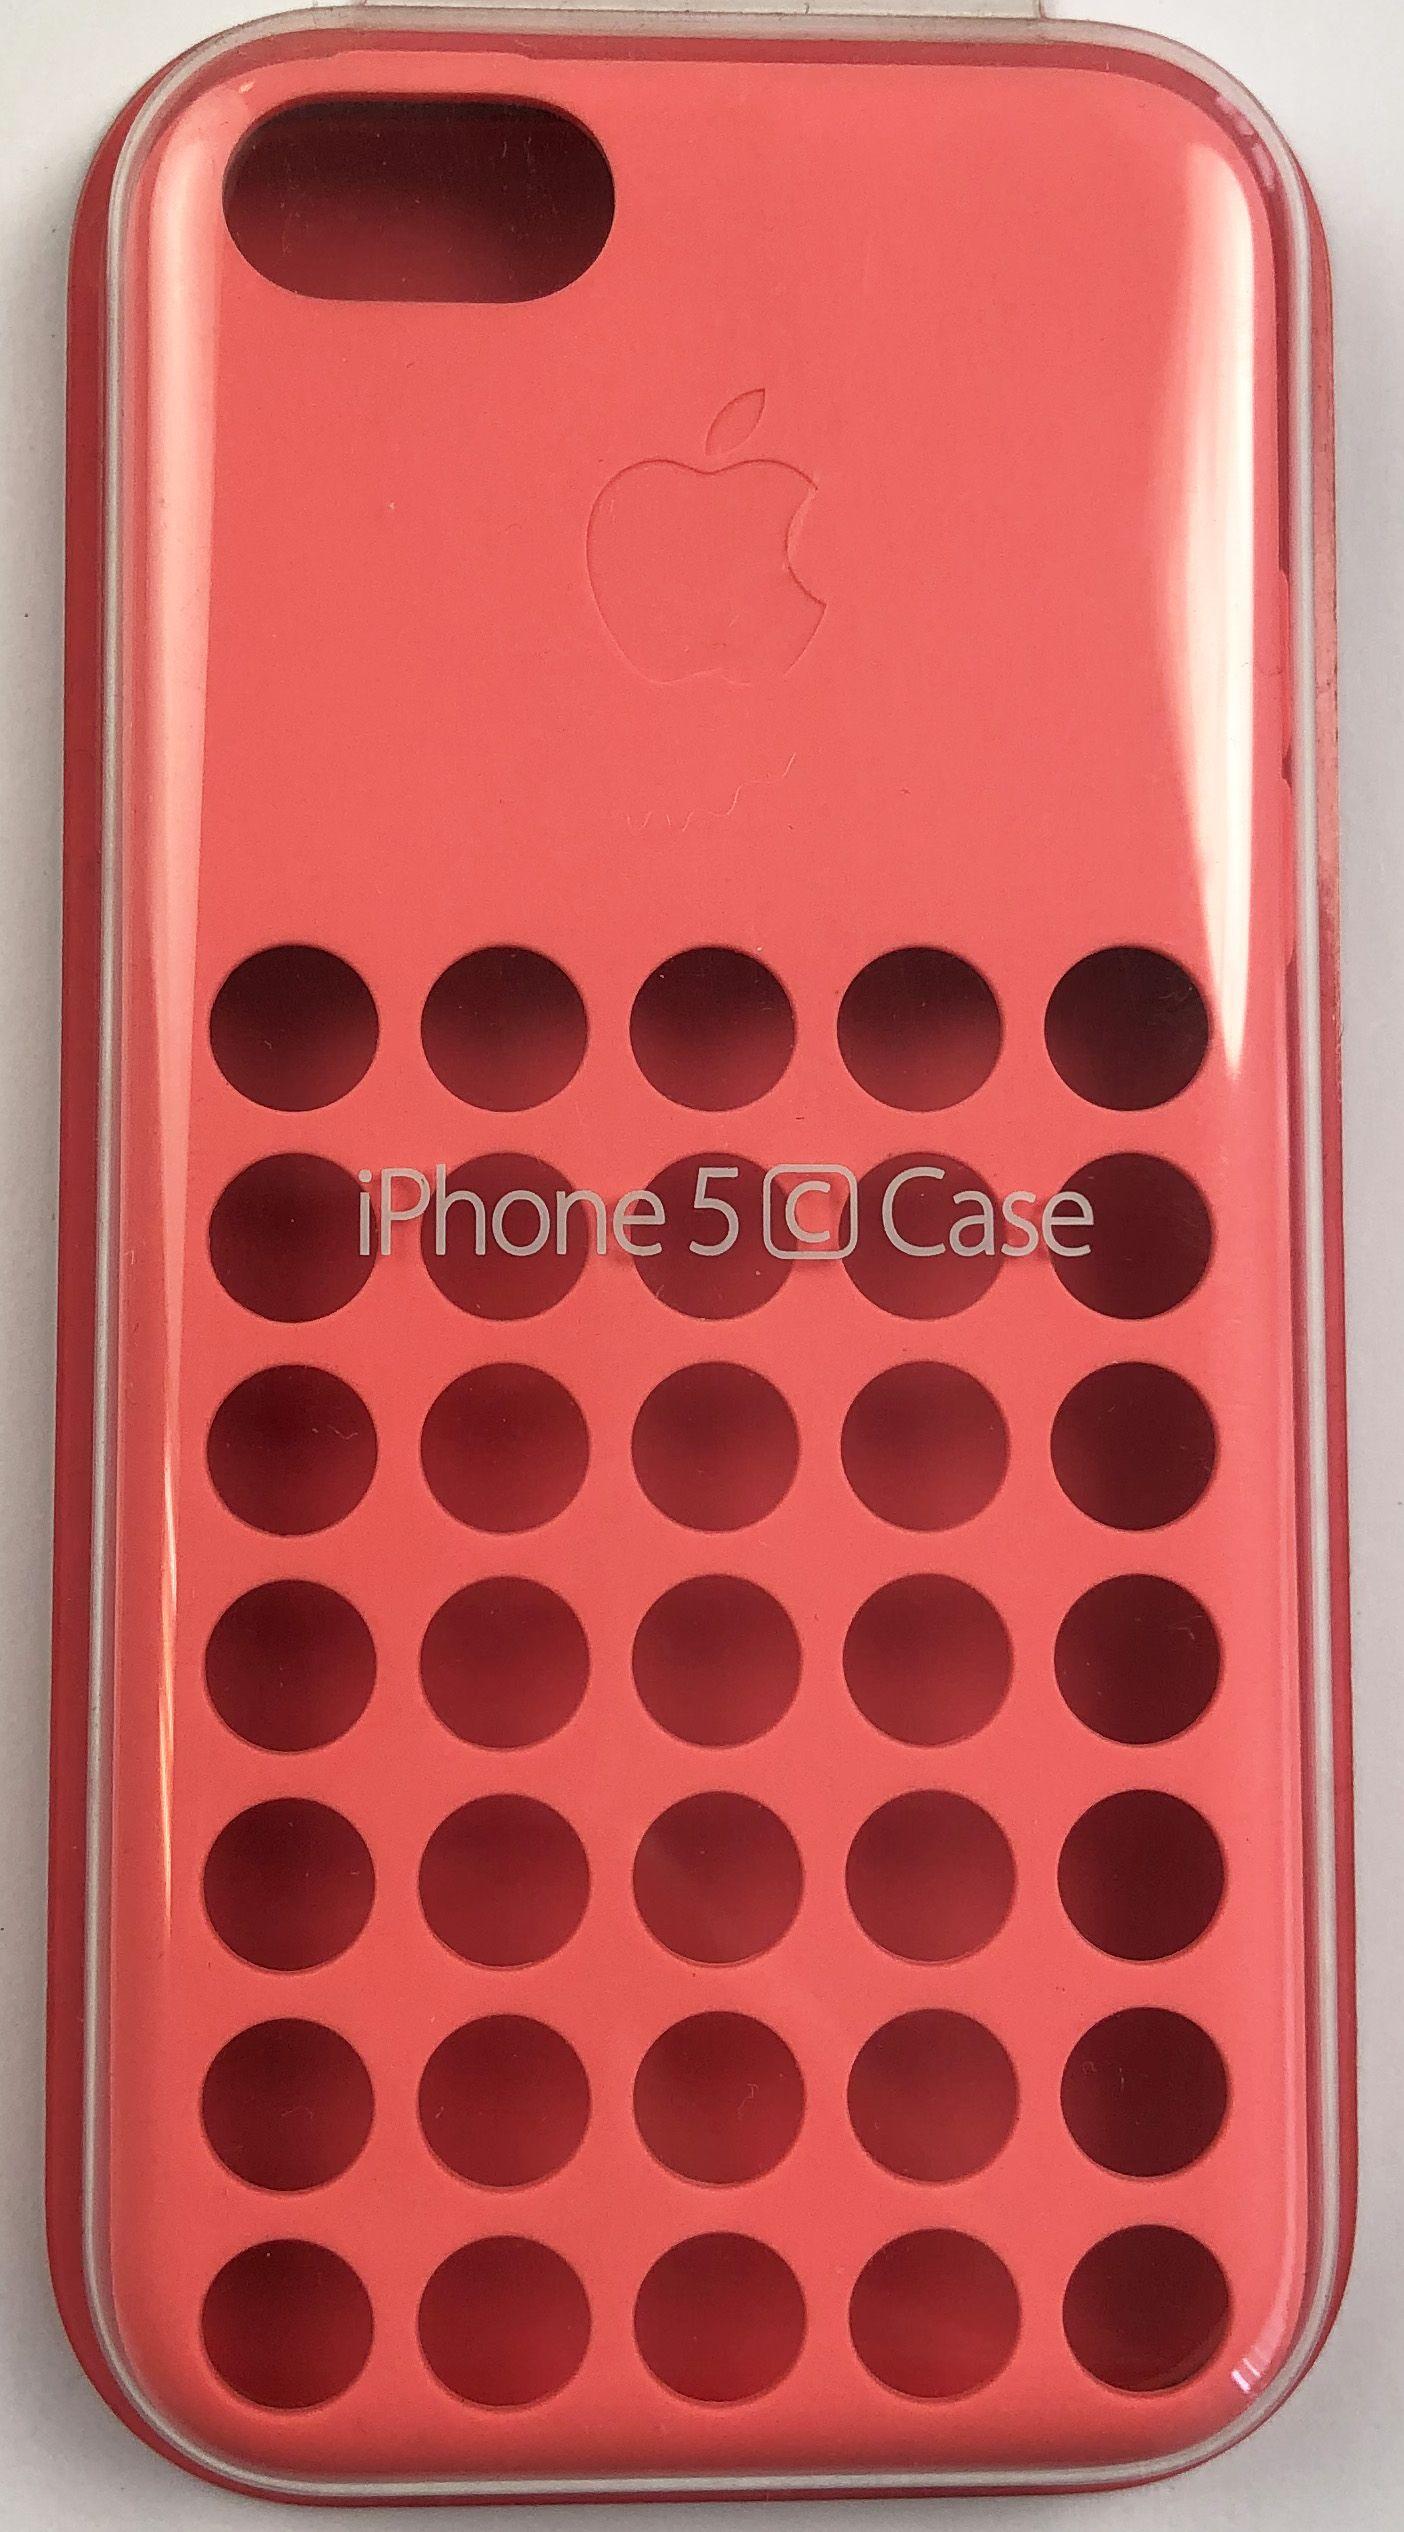 Apple iPhone 5C Case (iPhone 5C) - Rosa